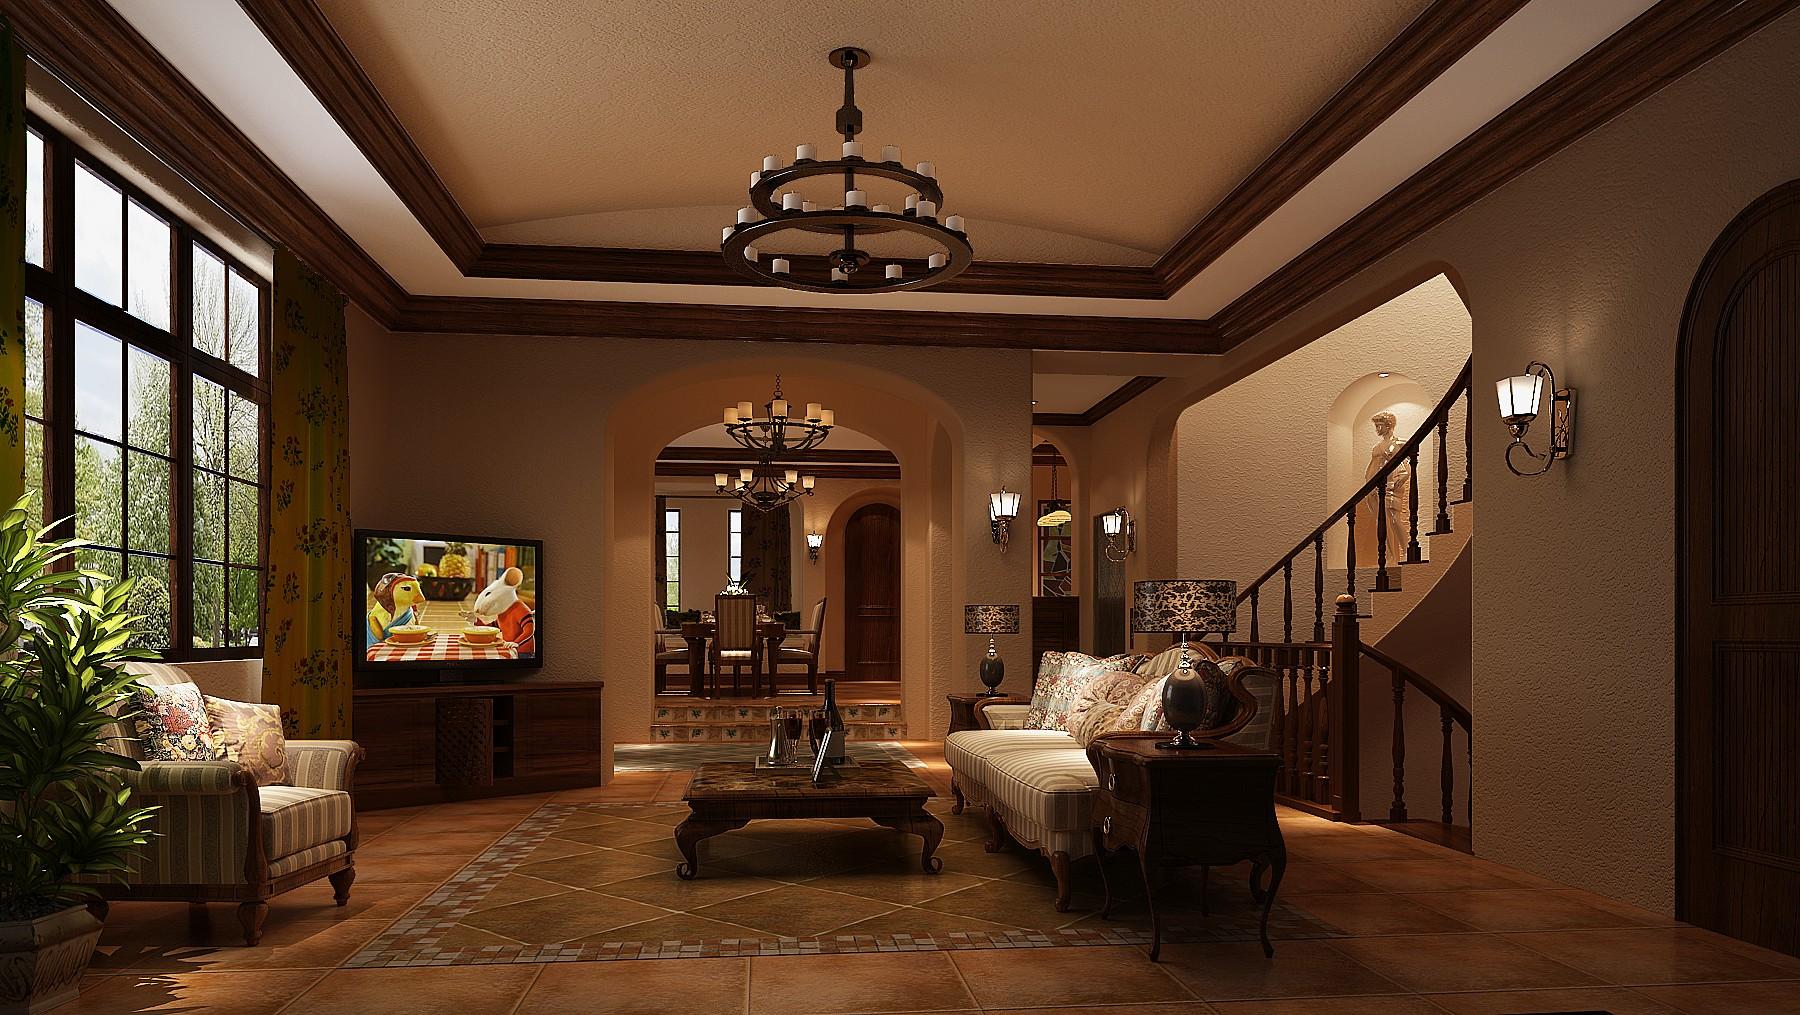 客厅图片来自专业别墅设计工作室在远洋傲北的分享